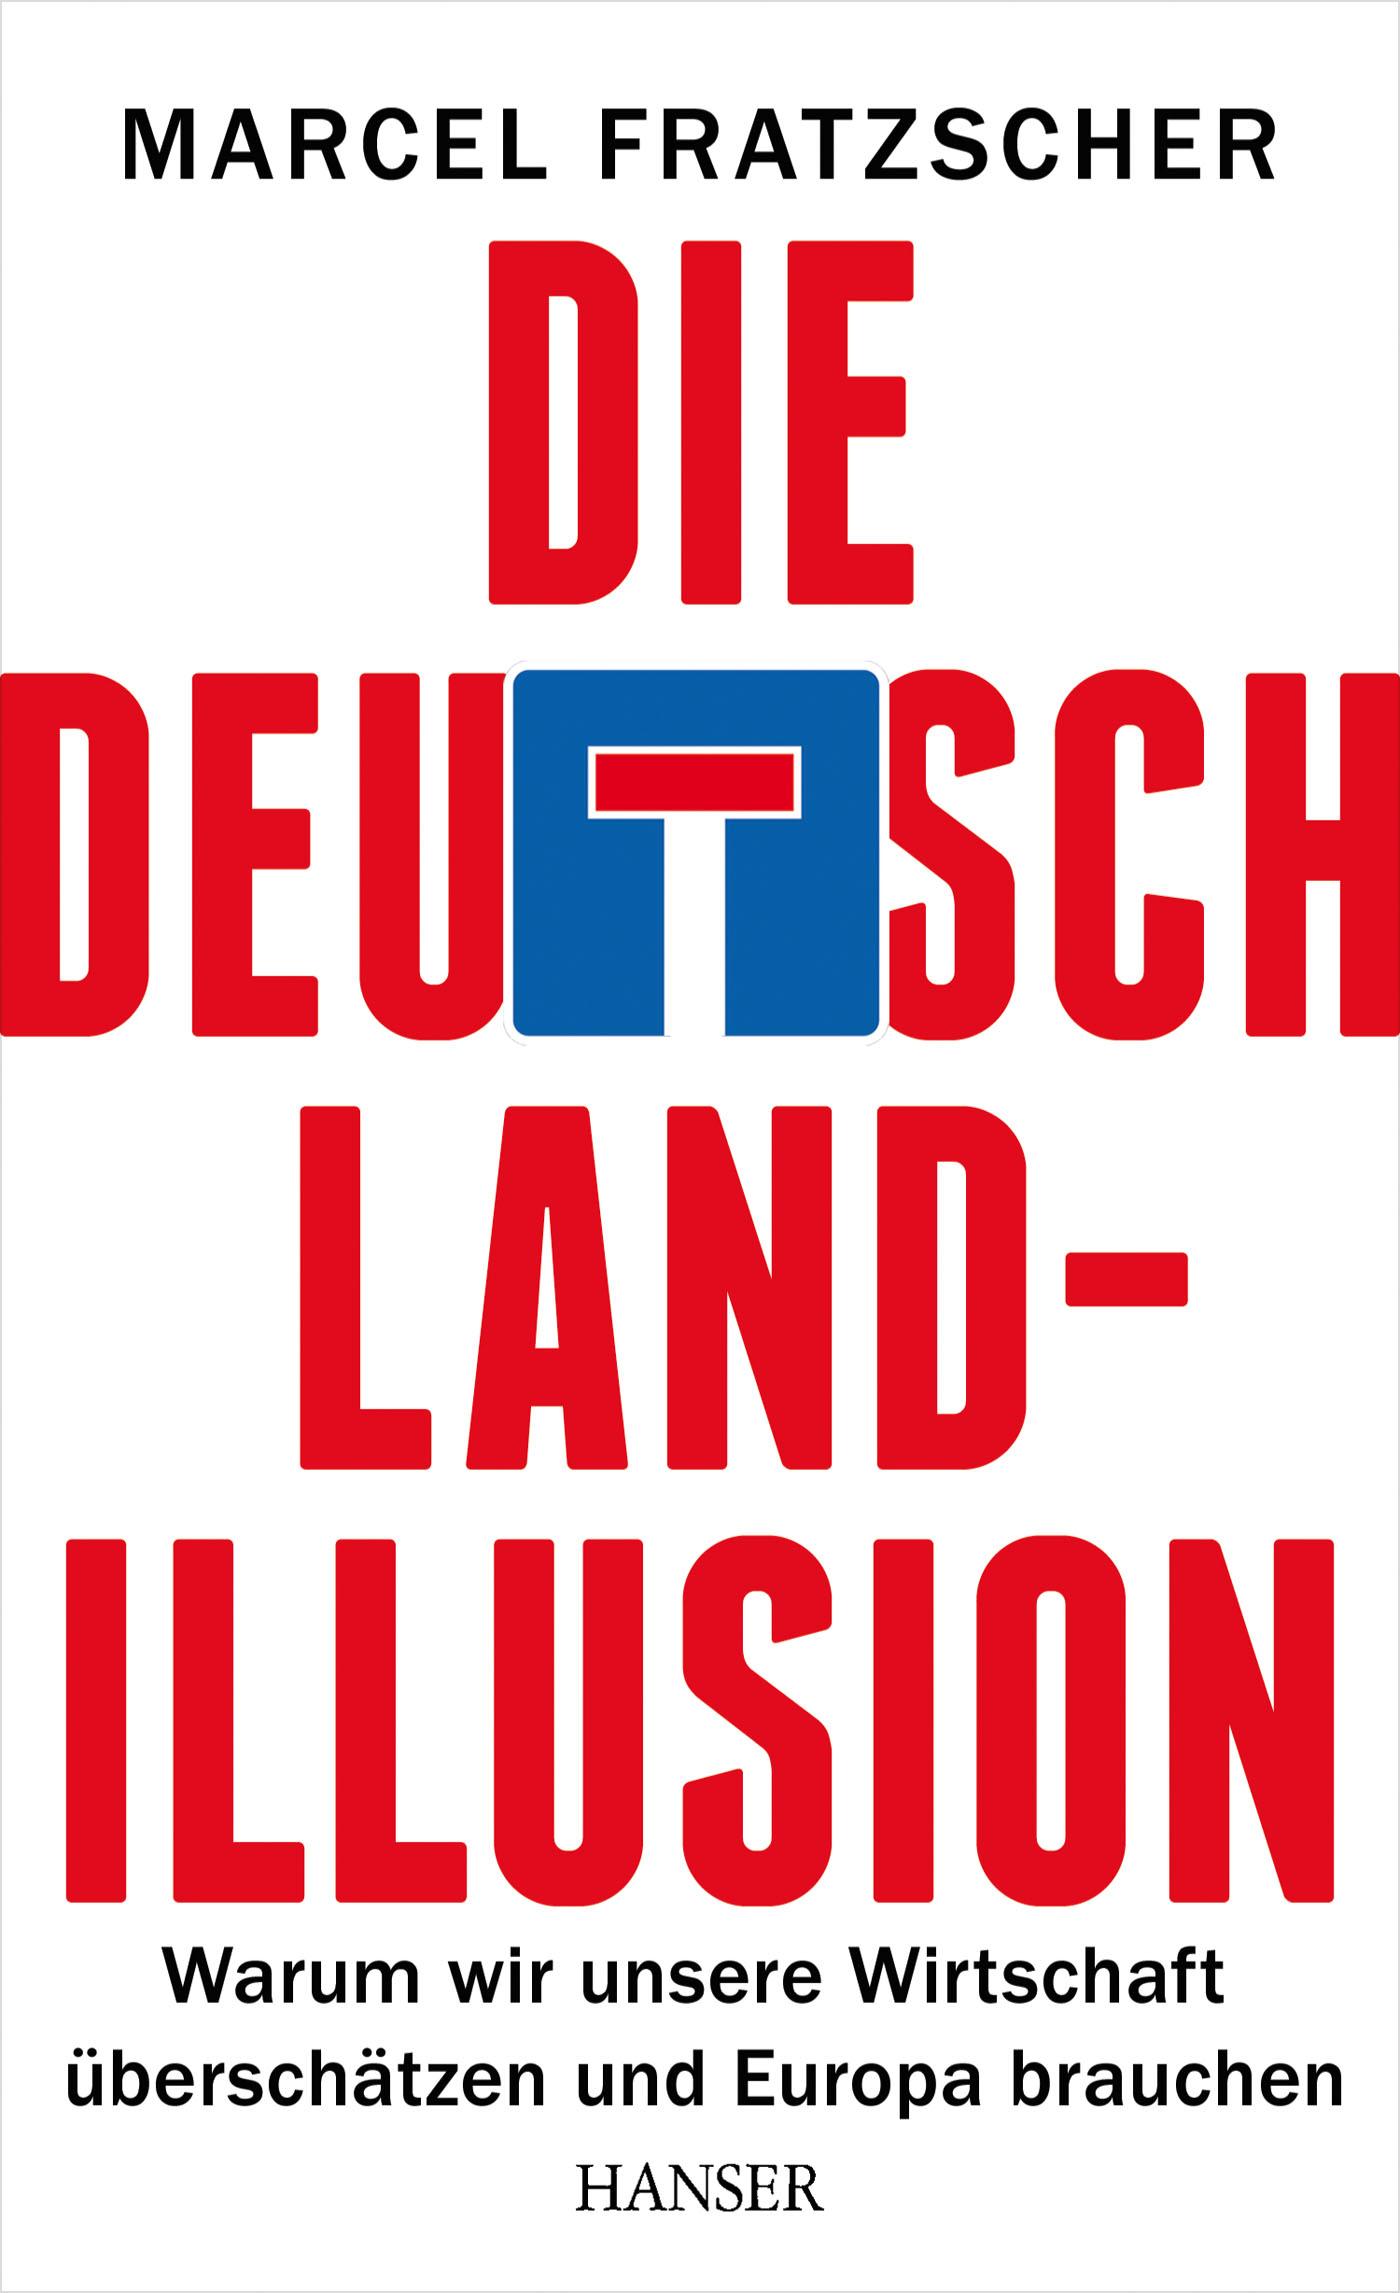 Marcel Fratscher: Die Deutschland-Illusion. Warum wir unsere Wirtschaft überschätzen und Europa brauchen. Carl Hanser Verlag 2014, 278 s.